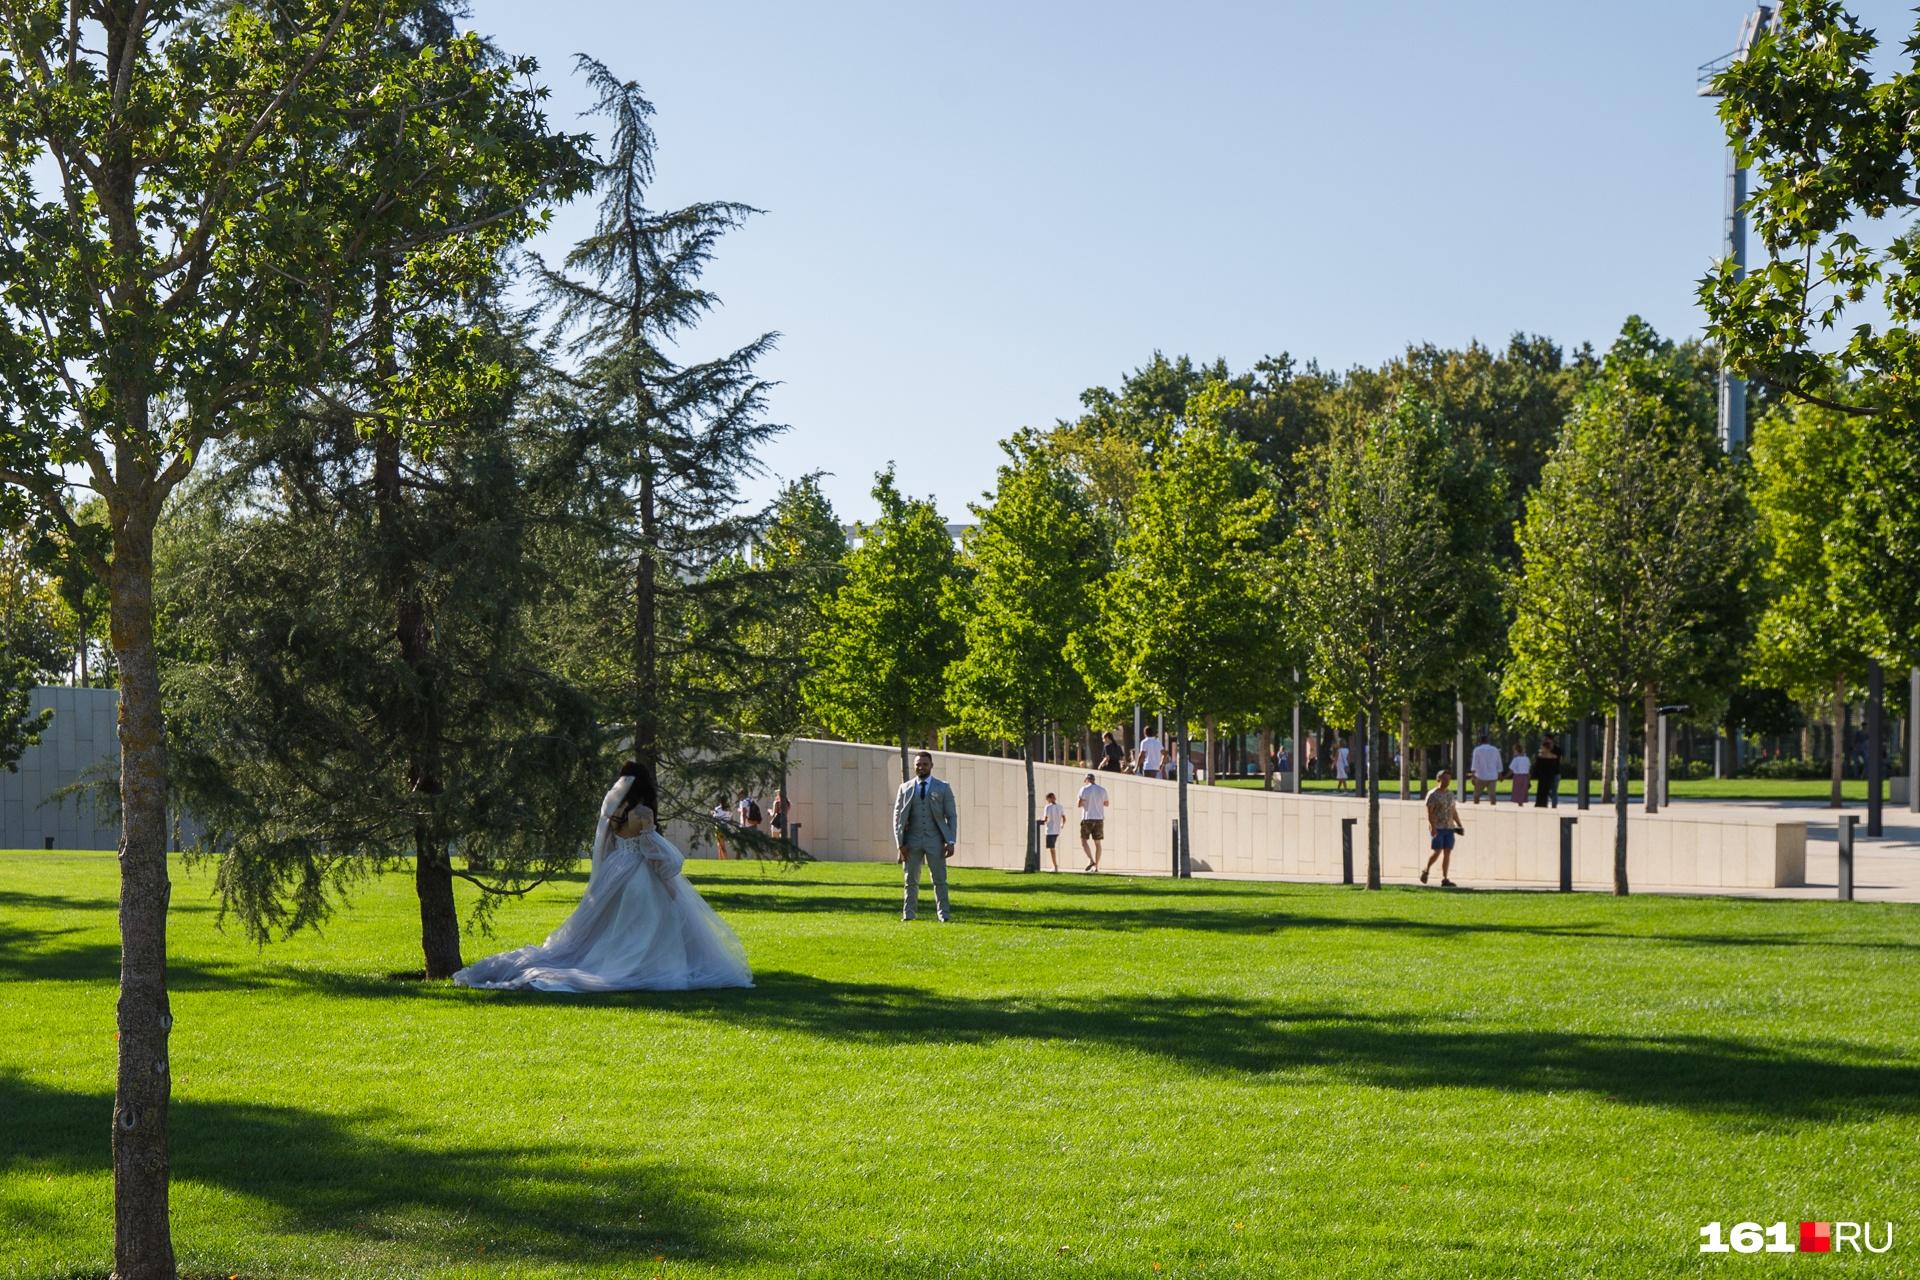 В парке молодожены проводят свадебные фотосессии